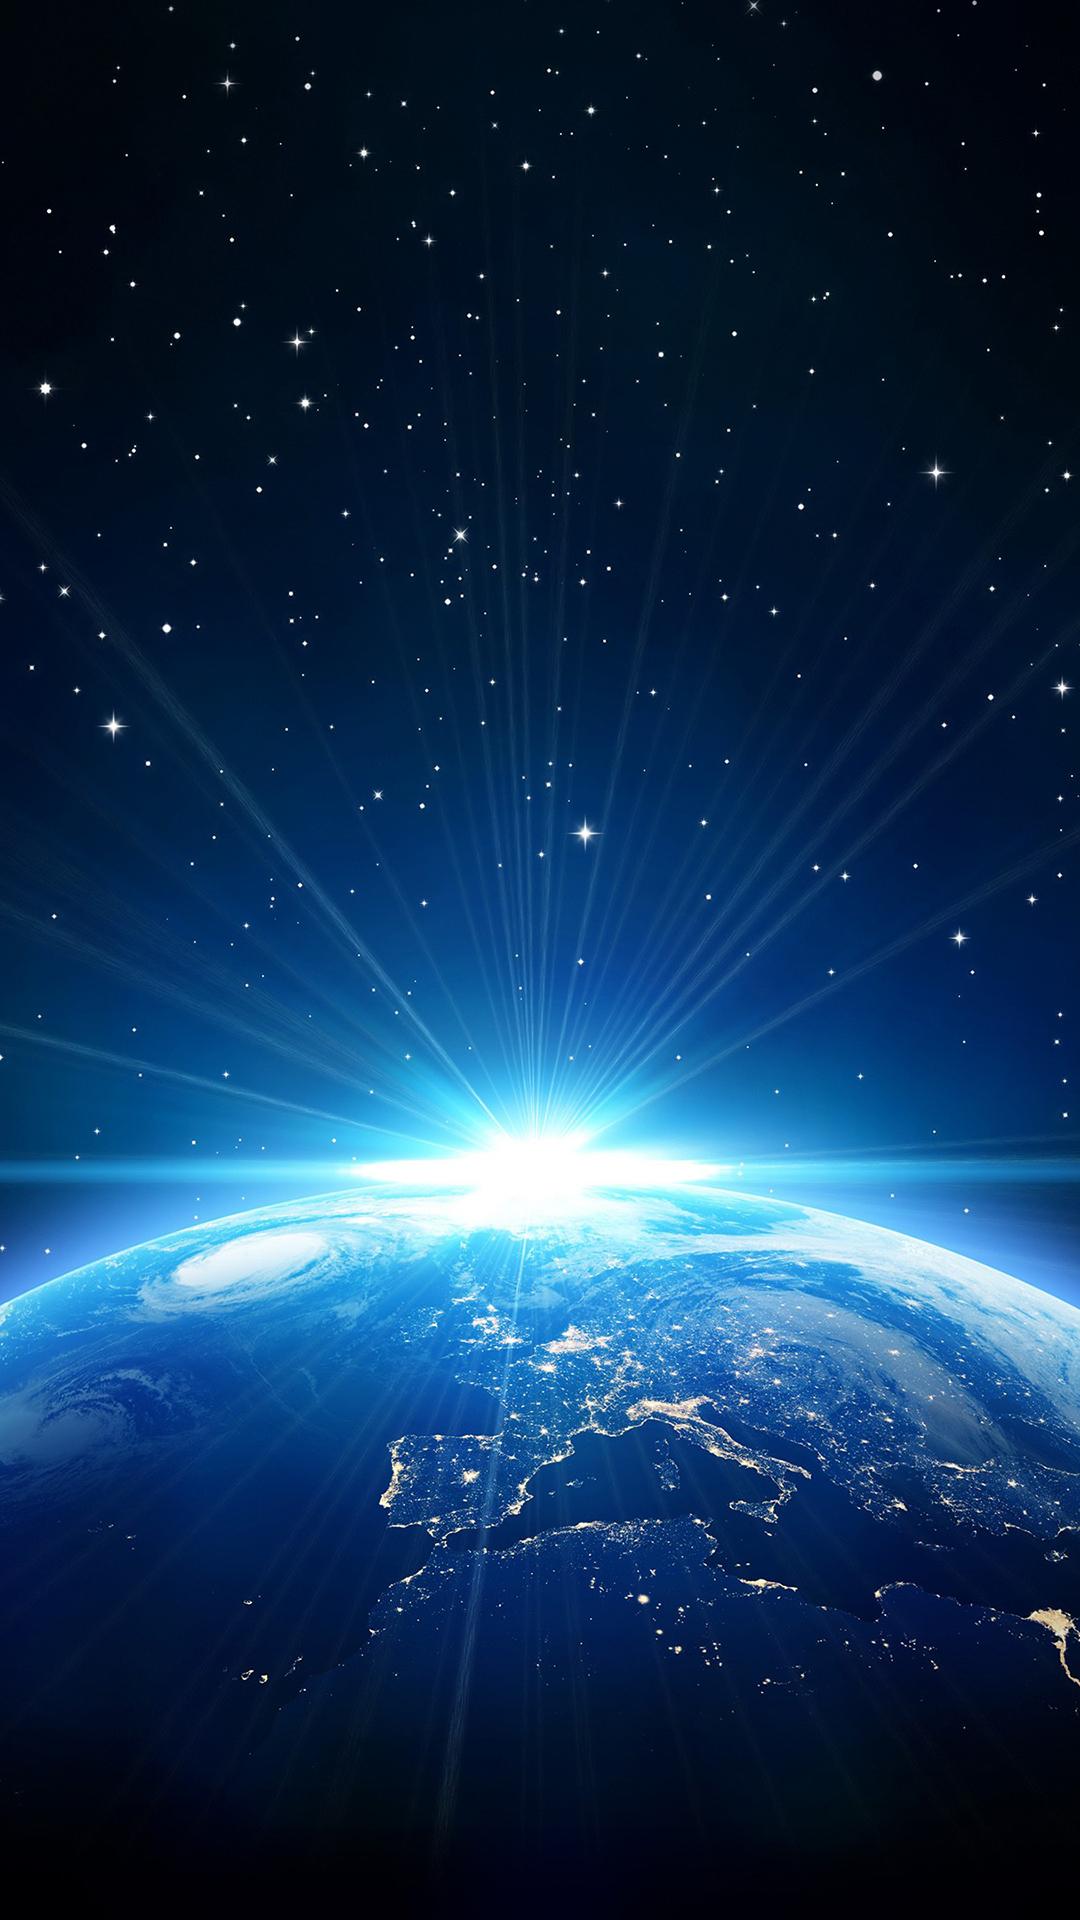 地球 星球 光 藍色 夢幻 太空 宇宙 蘋果手機高清壁紙